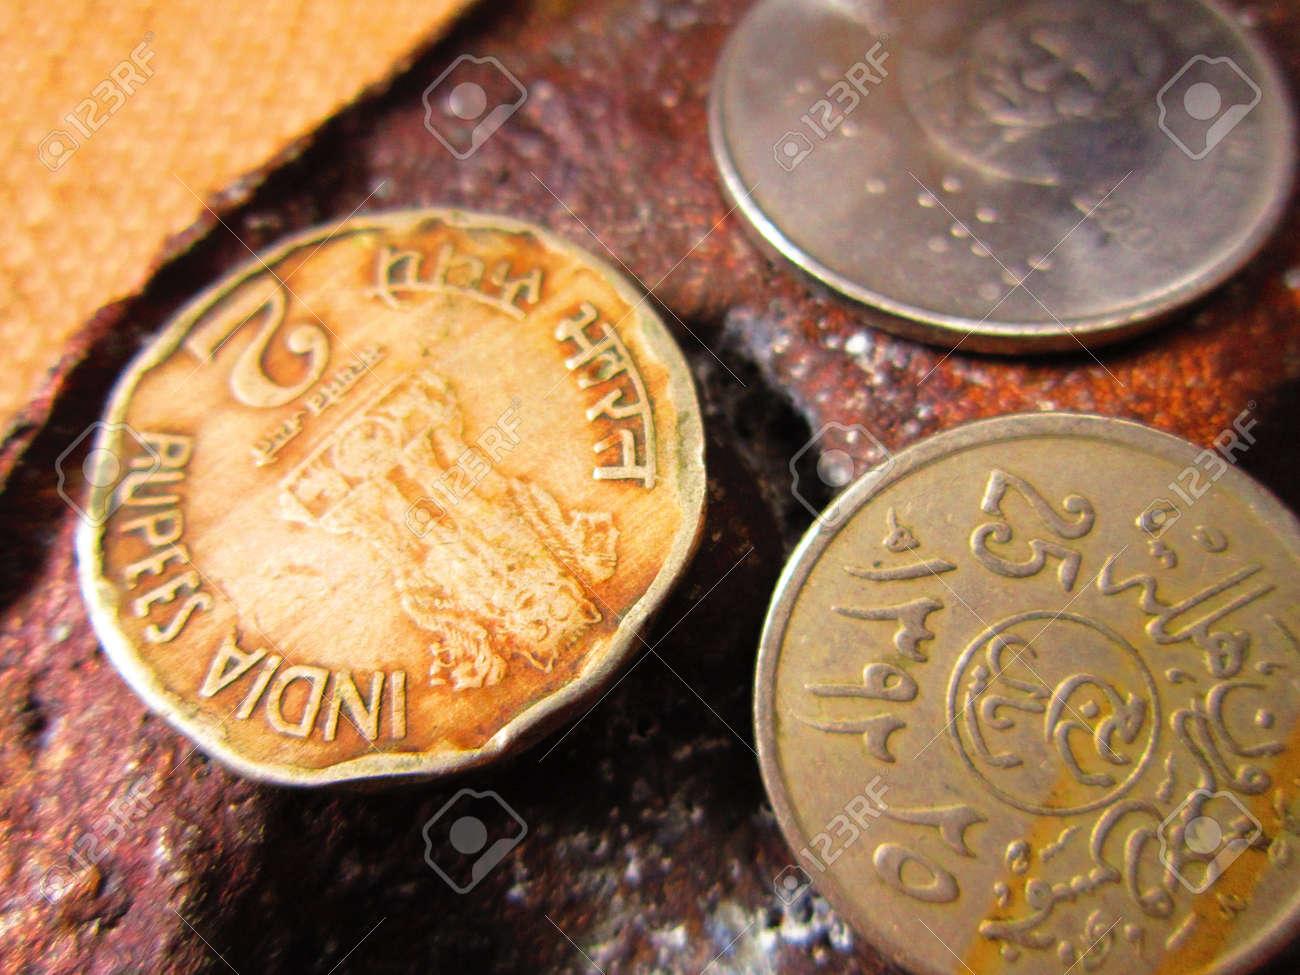 Münzen Verschiedener Länder On Rogh Back Ground Lizenzfreie Fotos